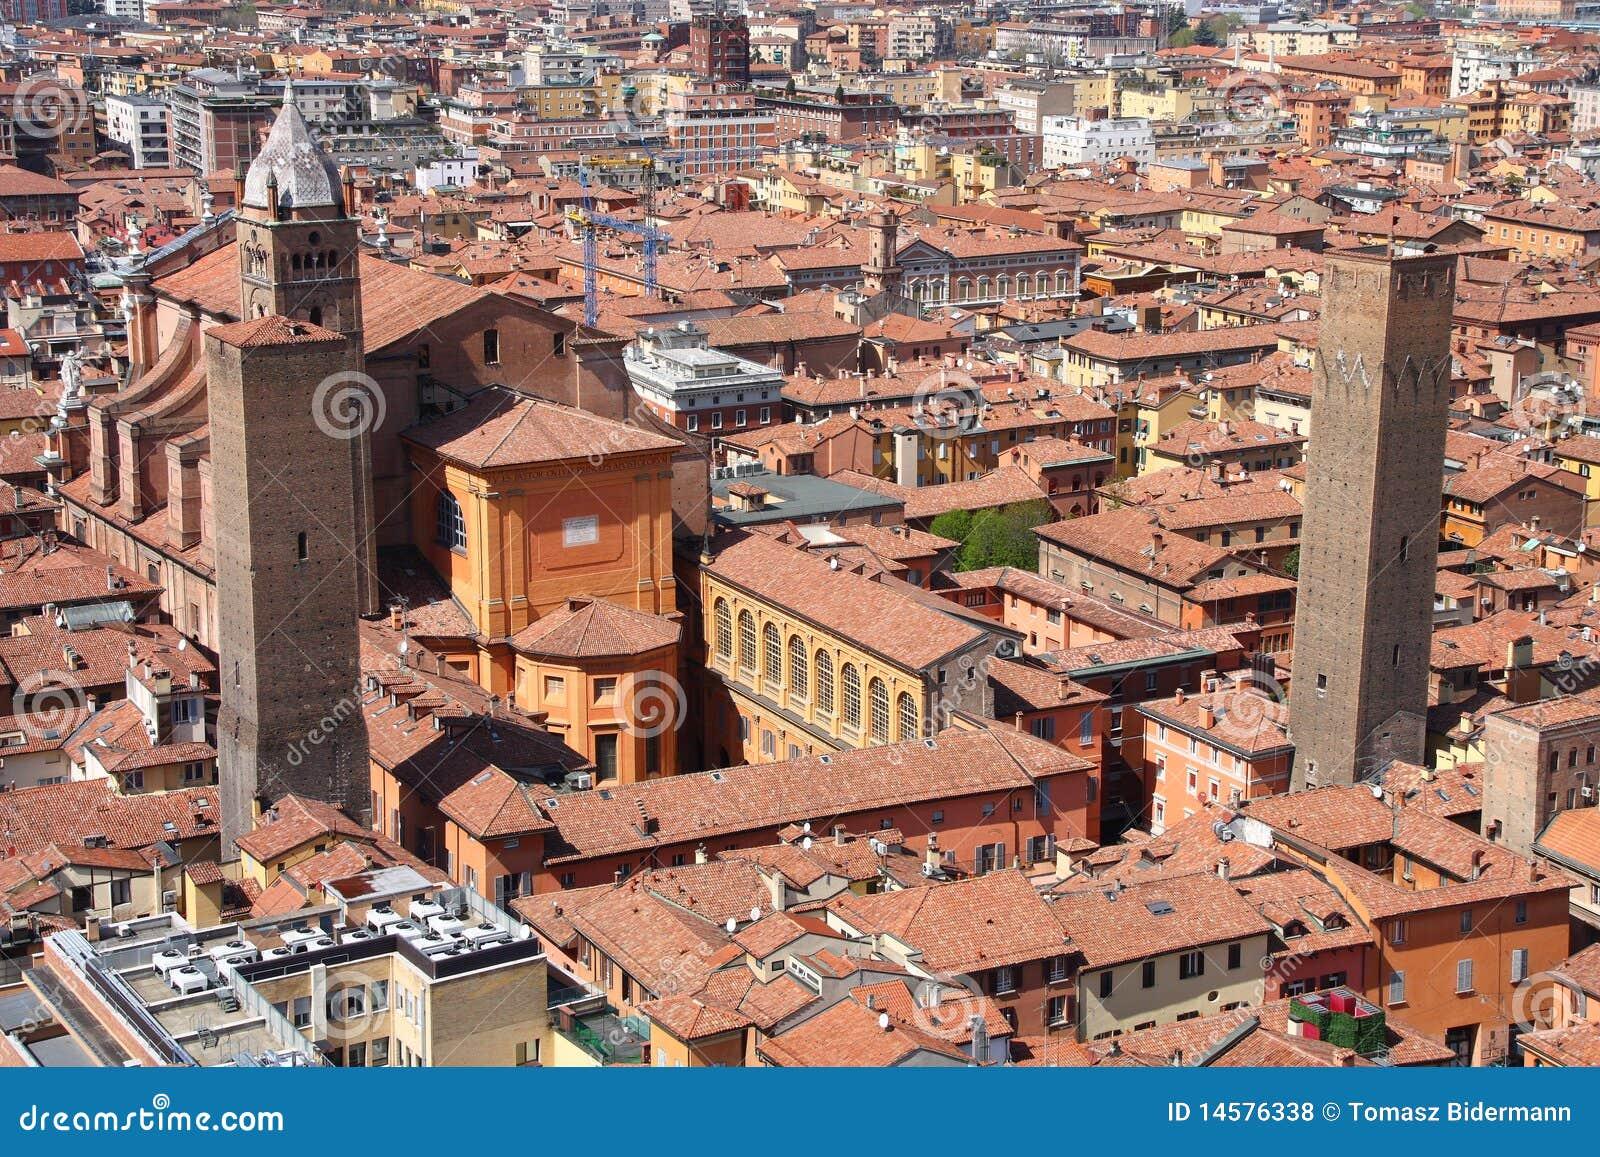 Bolonha, Italy